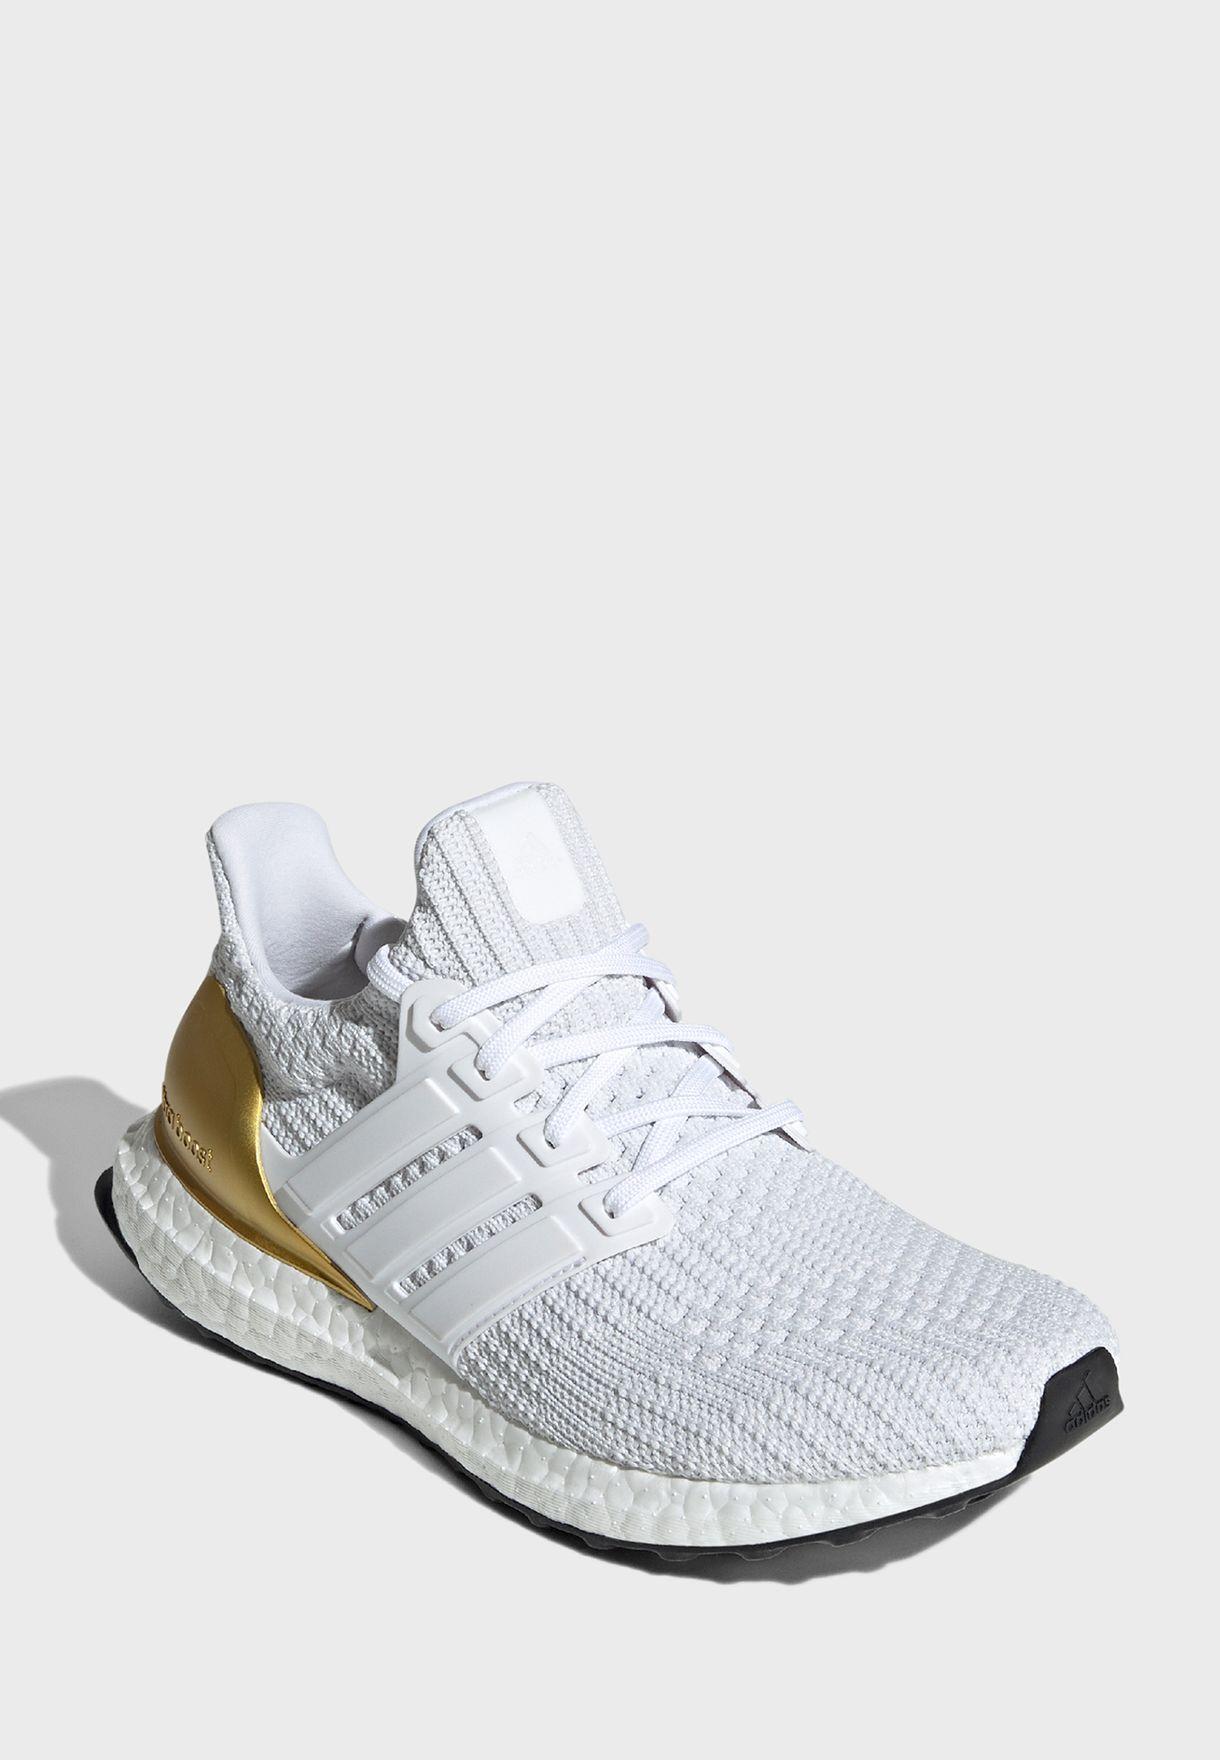 حذاء الترابوست 4.0 دي ان ايه